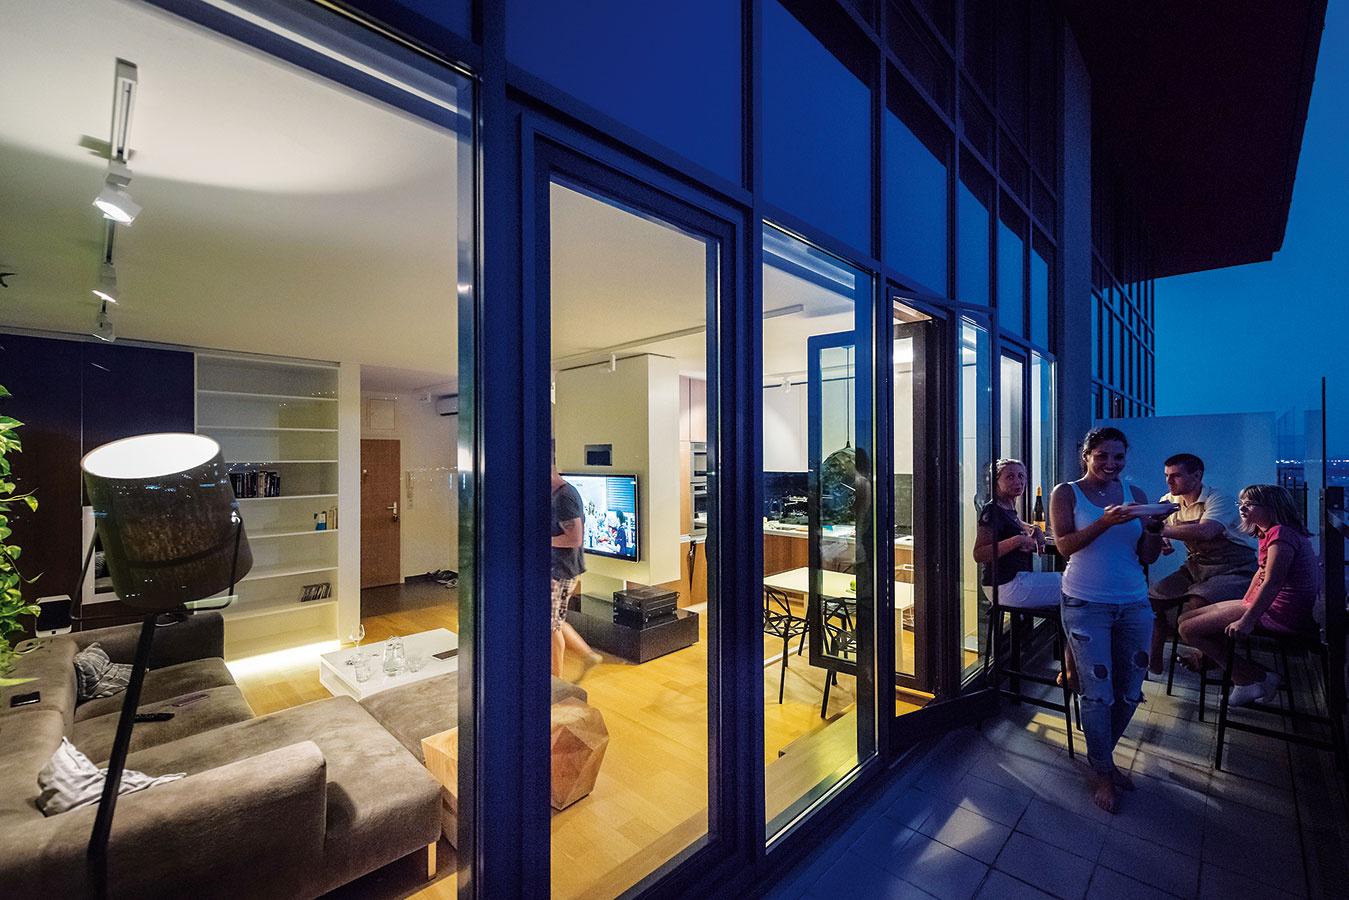 """Terasa – neterasa. Hoci terasa má slušnú rozlohu (11 m2), jej využitie komplikujú """"chodbovité"""" rozmery. Napriek tomu sa tu našlo miesto na barový stolík so stoličkami. Vpláne je drevený obklad, ktorý opticky spojí exteriér sinteriérom."""